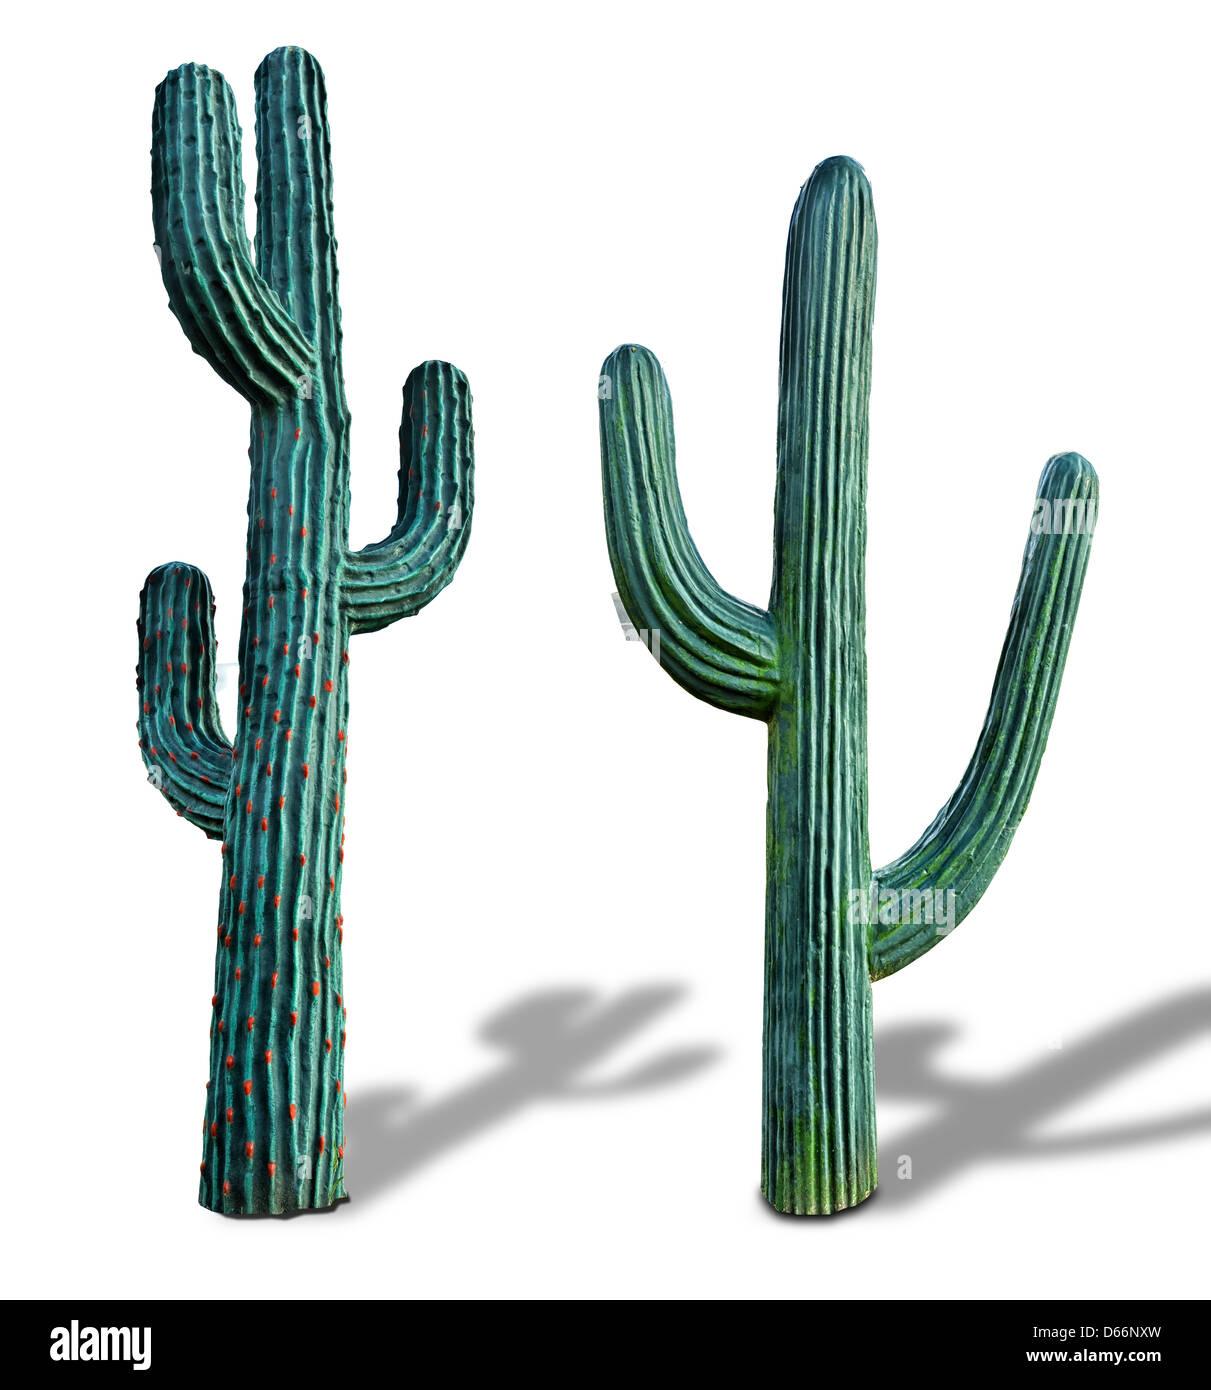 Cactus Cartoon Stock Photos & Cactus Cartoon Stock Images